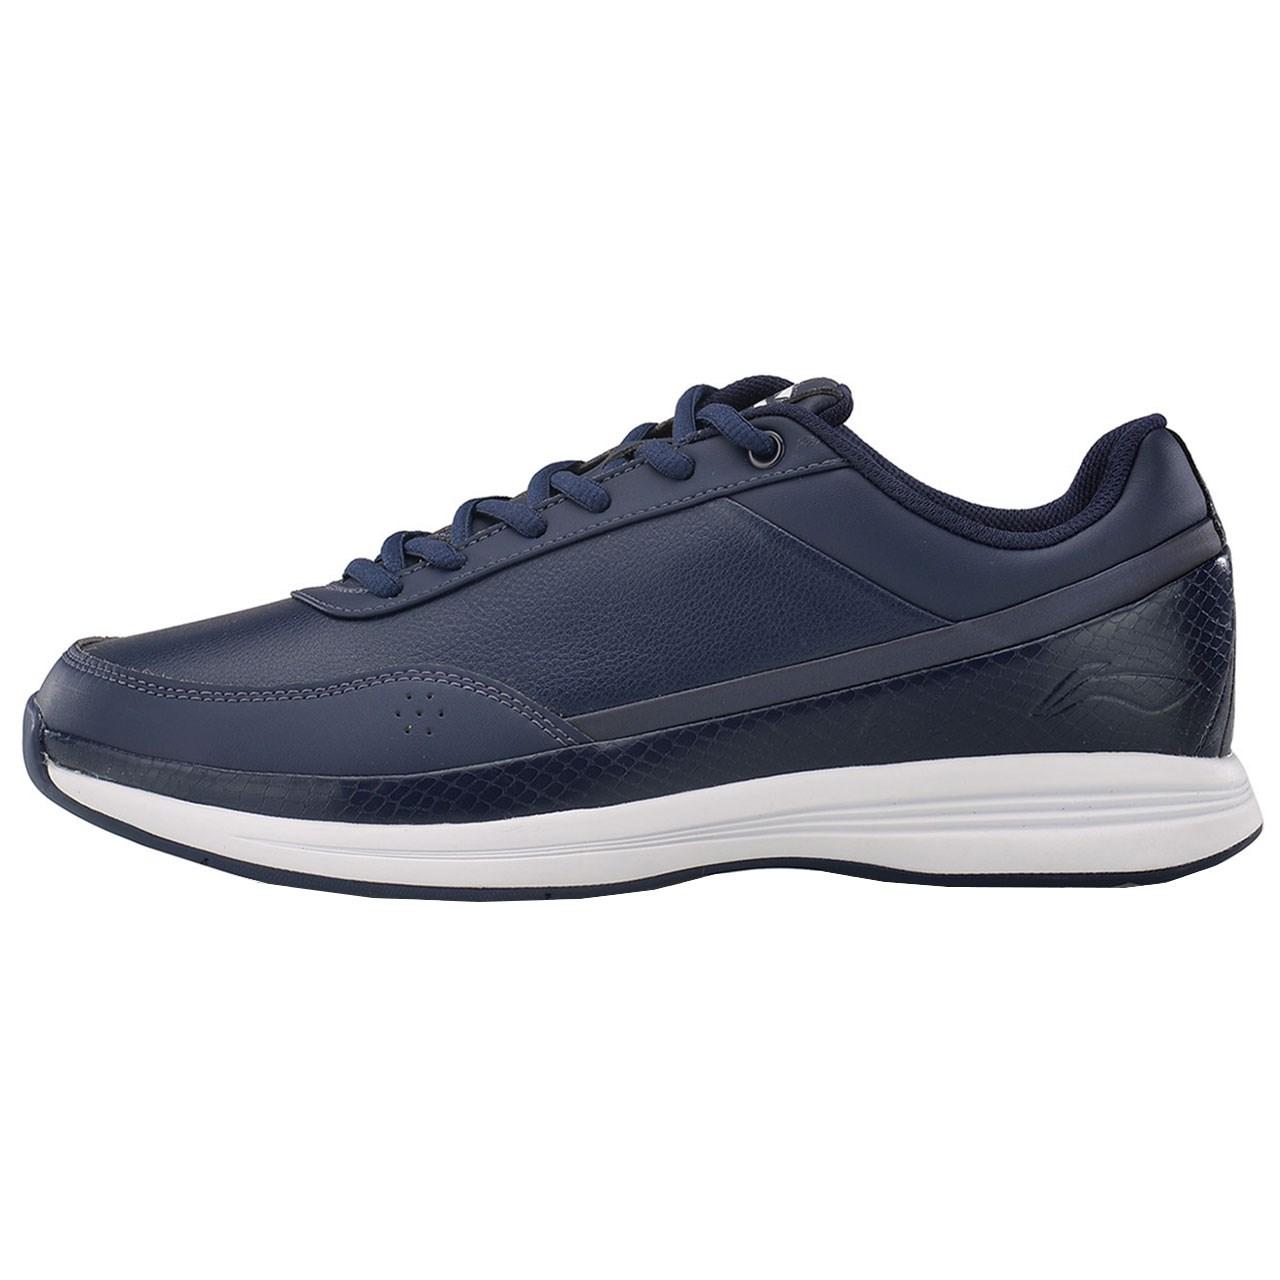 کفش راحتی مردانه لی نینگ مدل Dynamic Classic